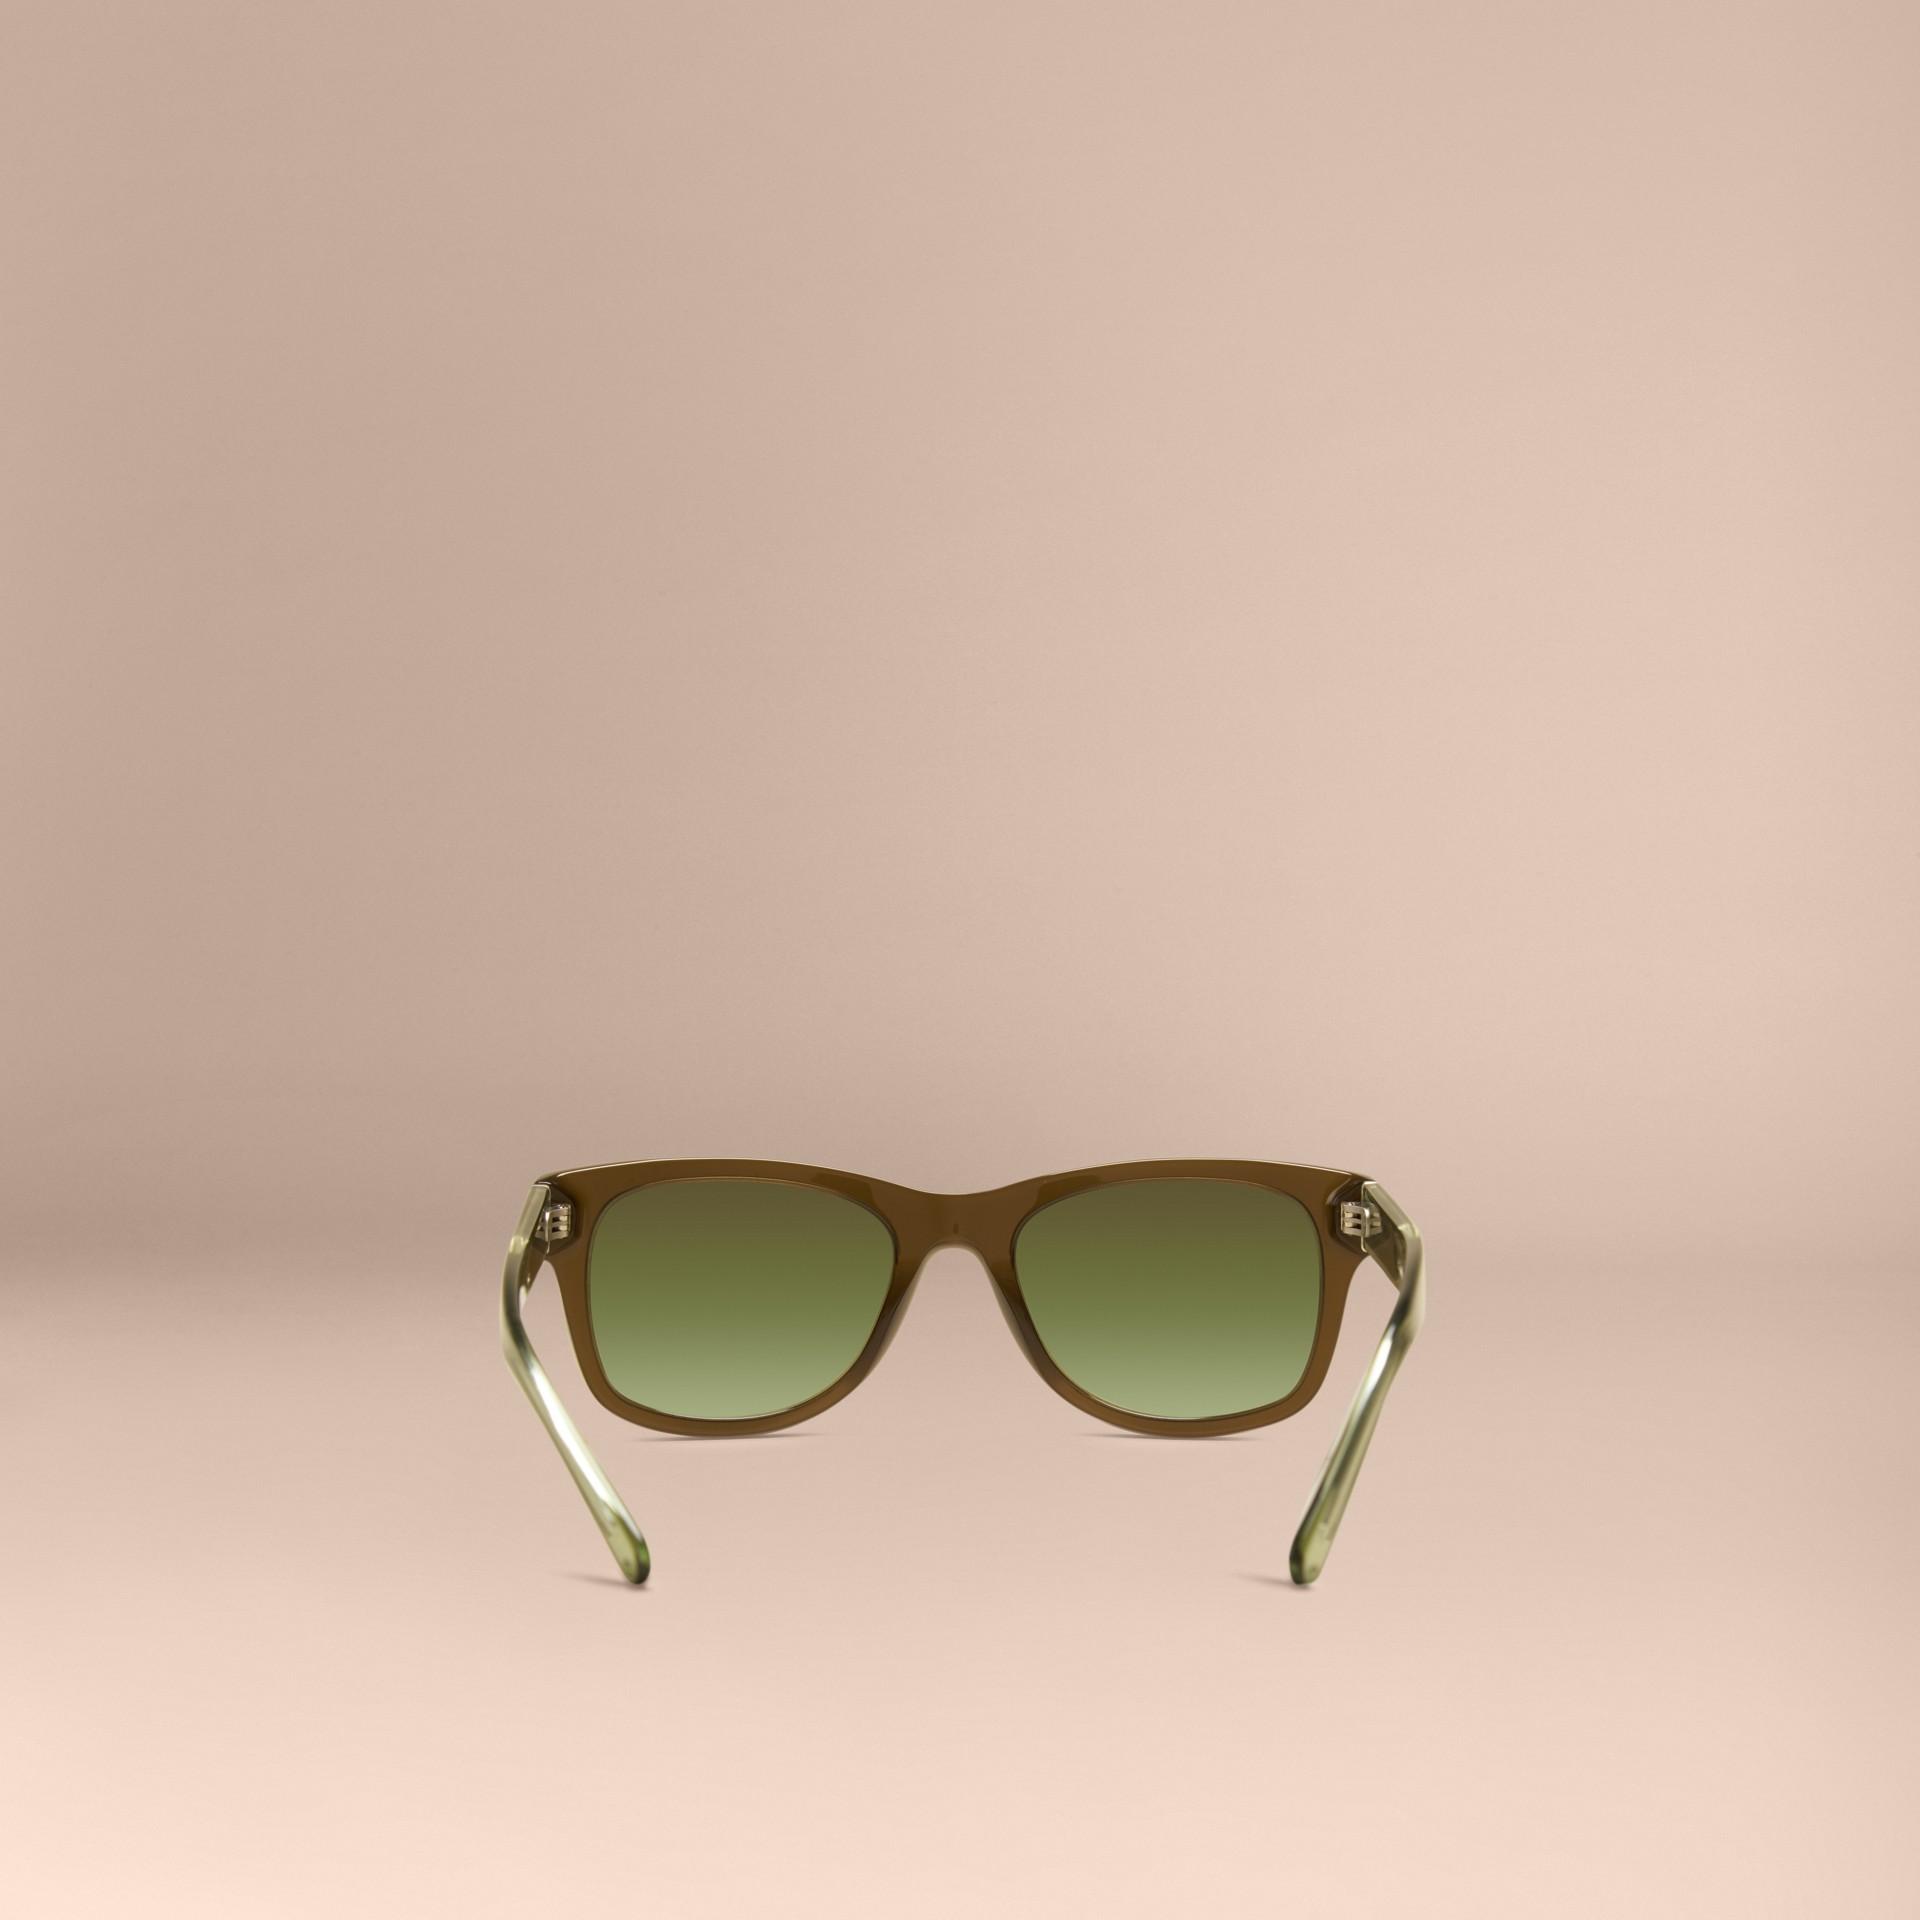 Olivfarben Sonnenbrille mit eckigem Gestell und Check-Detail Olivfarben - Galerie-Bild 4